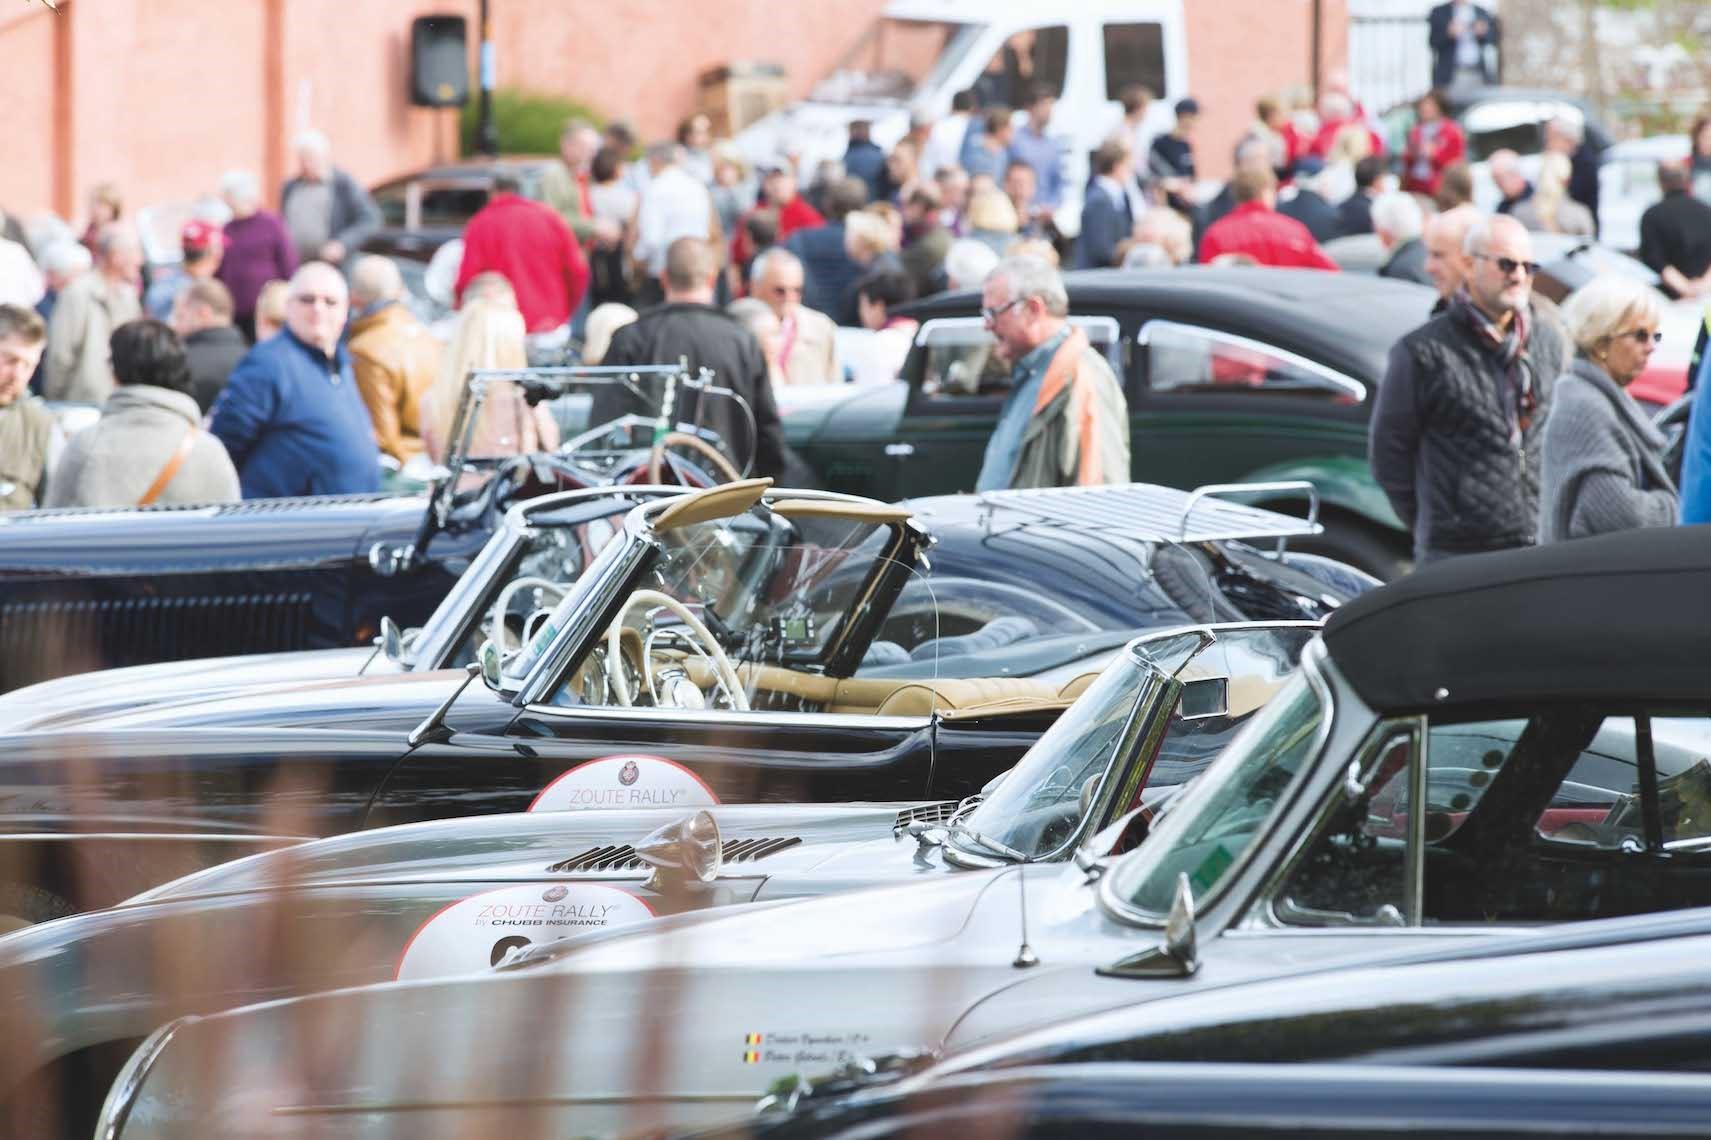 Lebeau-Courally : trois éditions limitées pour le Zoute Grand Prix